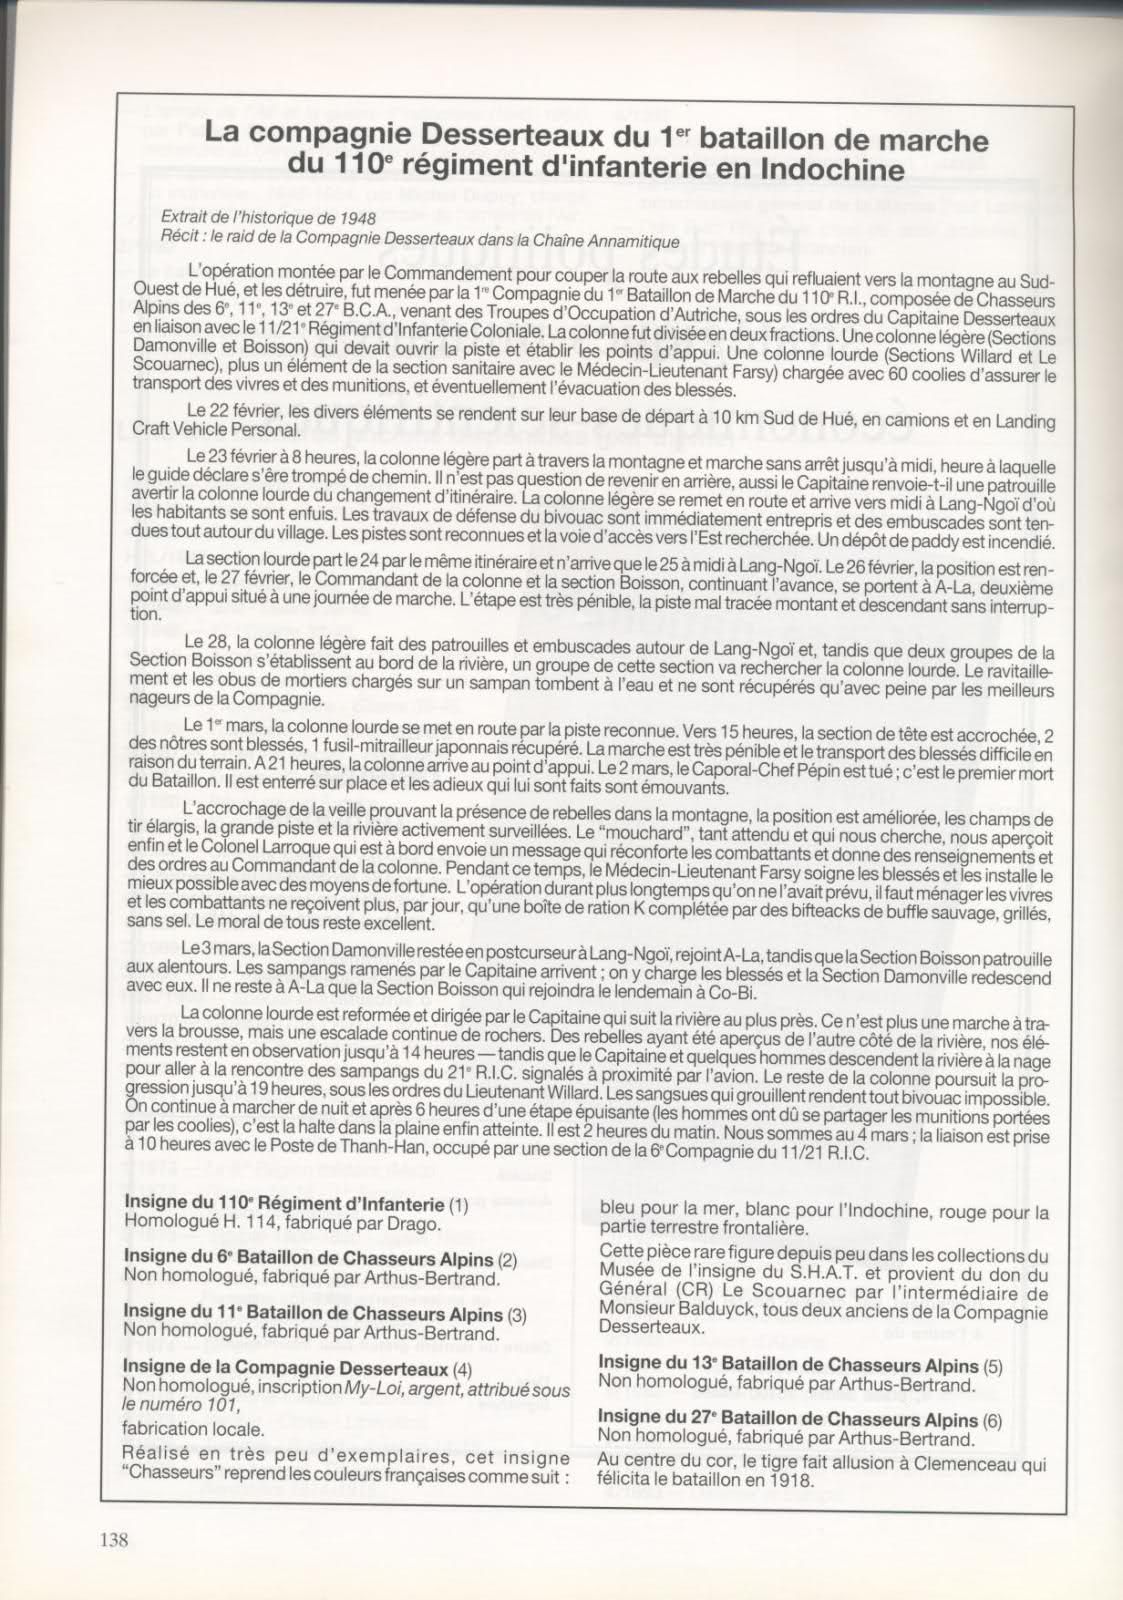 Un récit sur le CNE DESSERTEAUX en indochine 2qna3nm